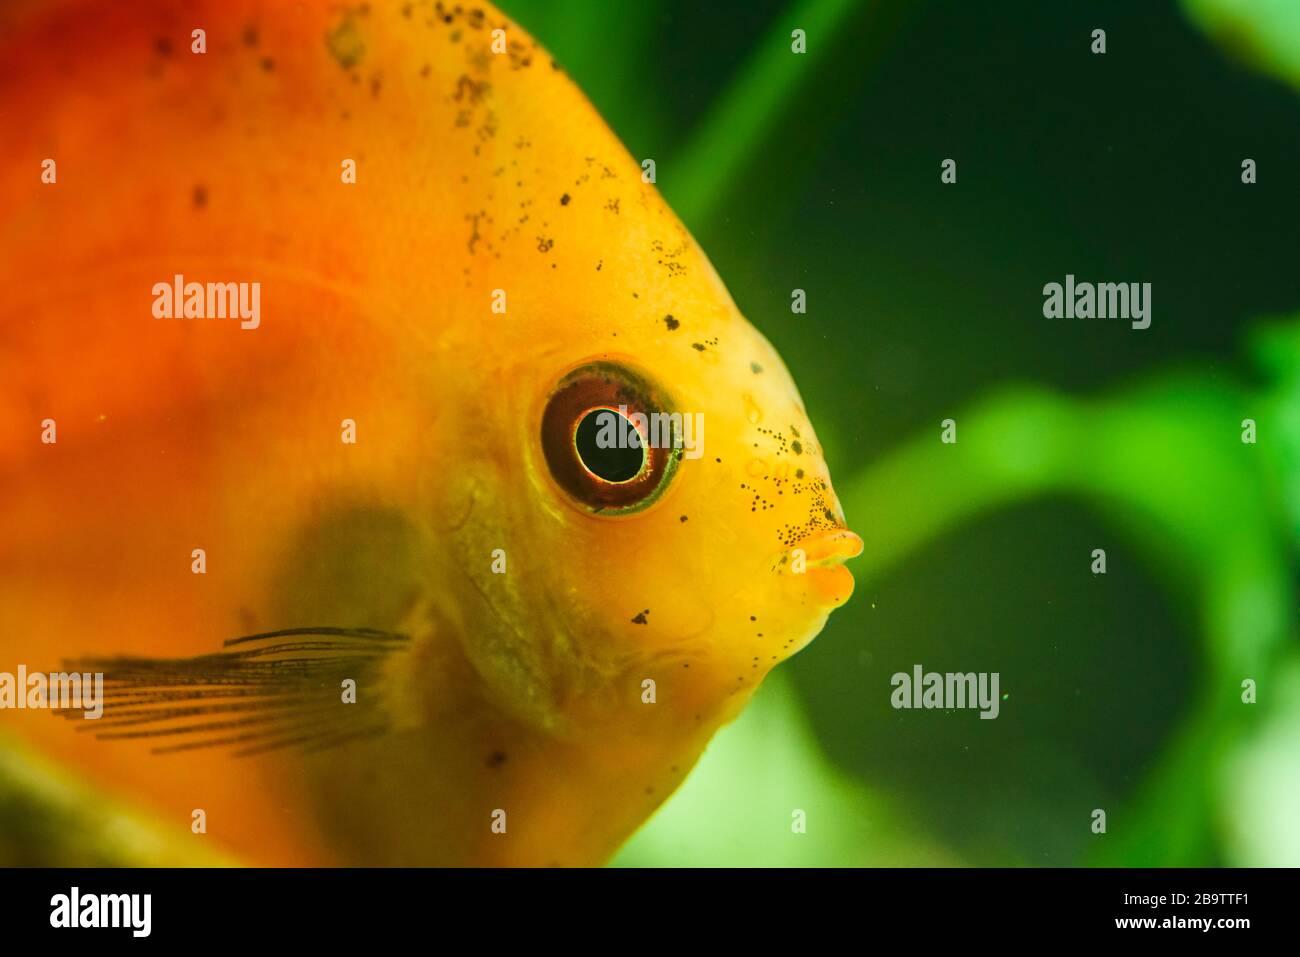 Retrato de una naranja roja tropical Symphysodon disco pescado en un tanque de pescado. Foto de stock